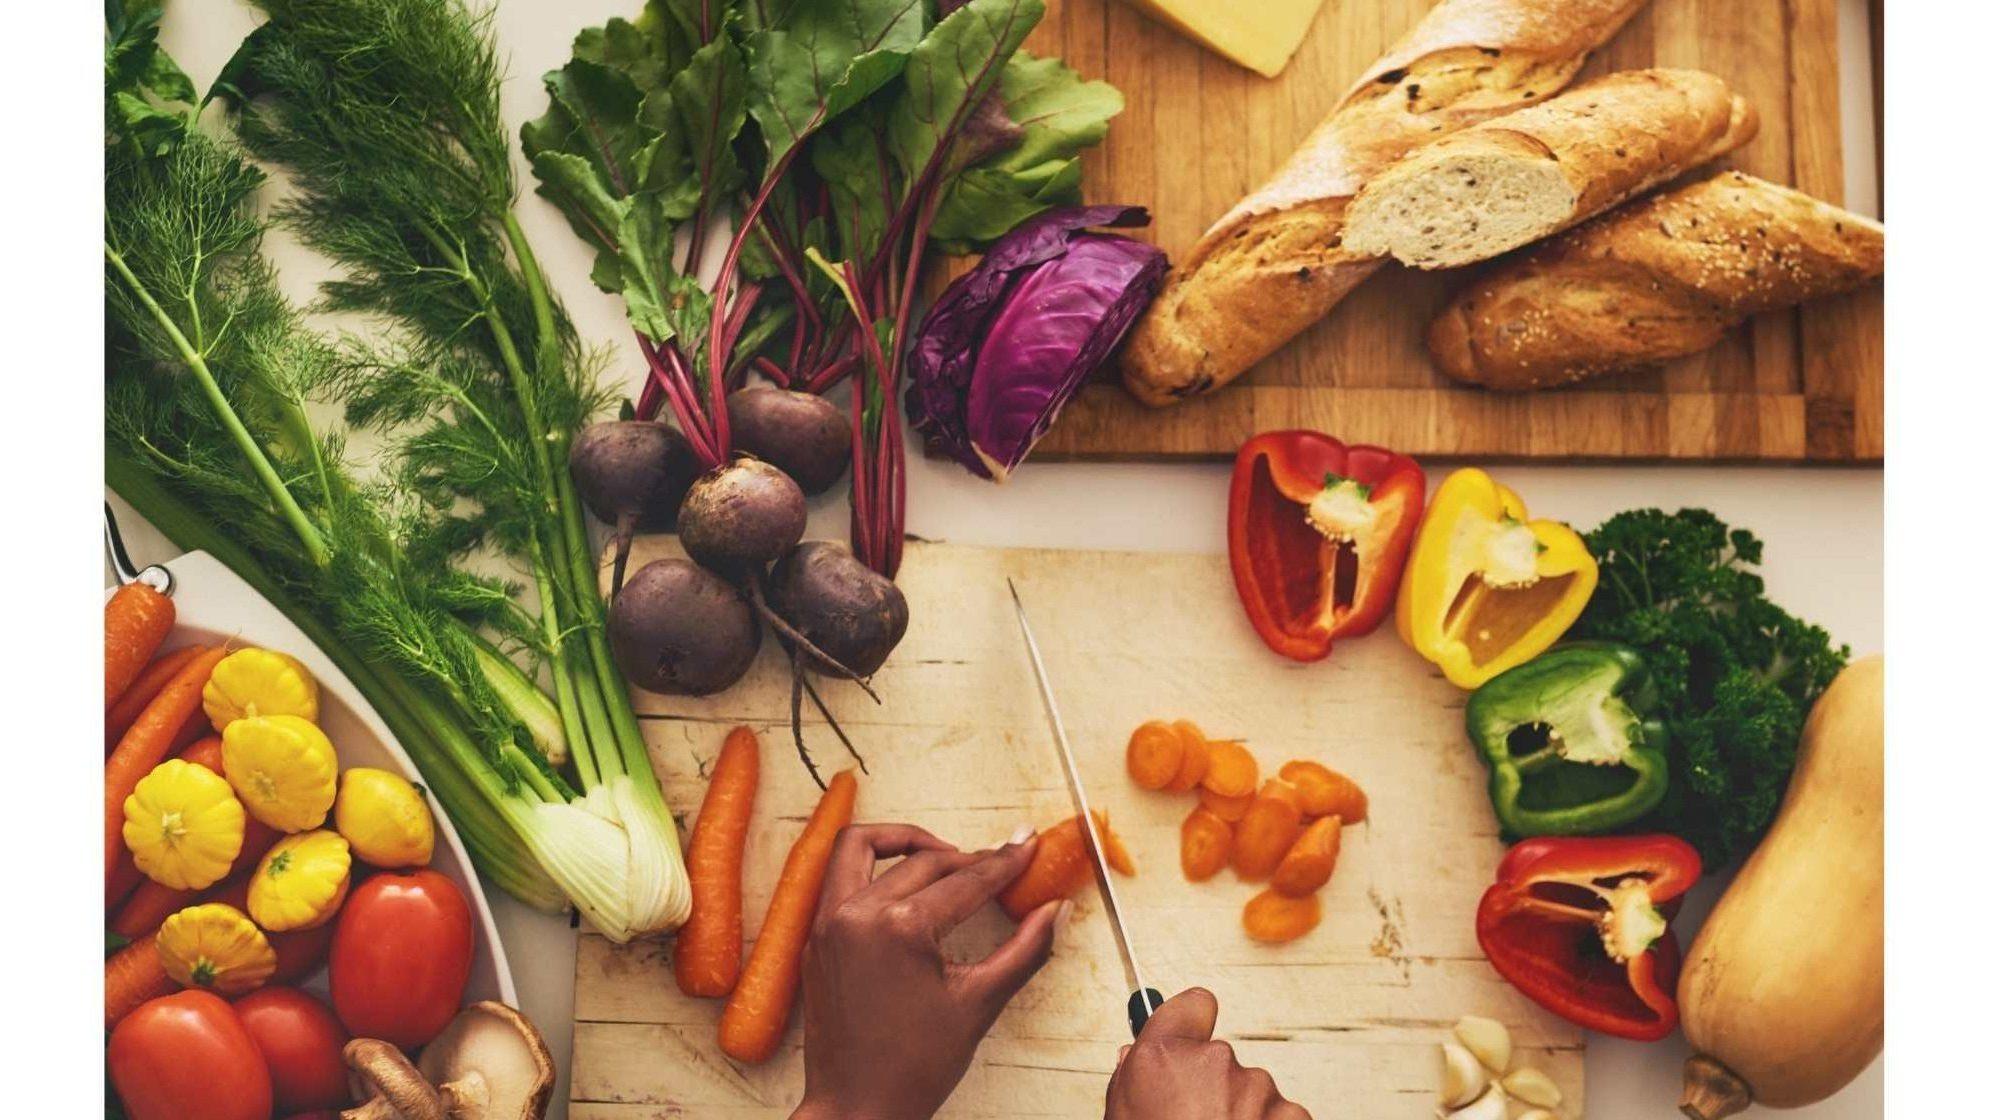 Personne qui prépare le repas. Elle coupe des légumes avec un couteau sur une planche à découpé